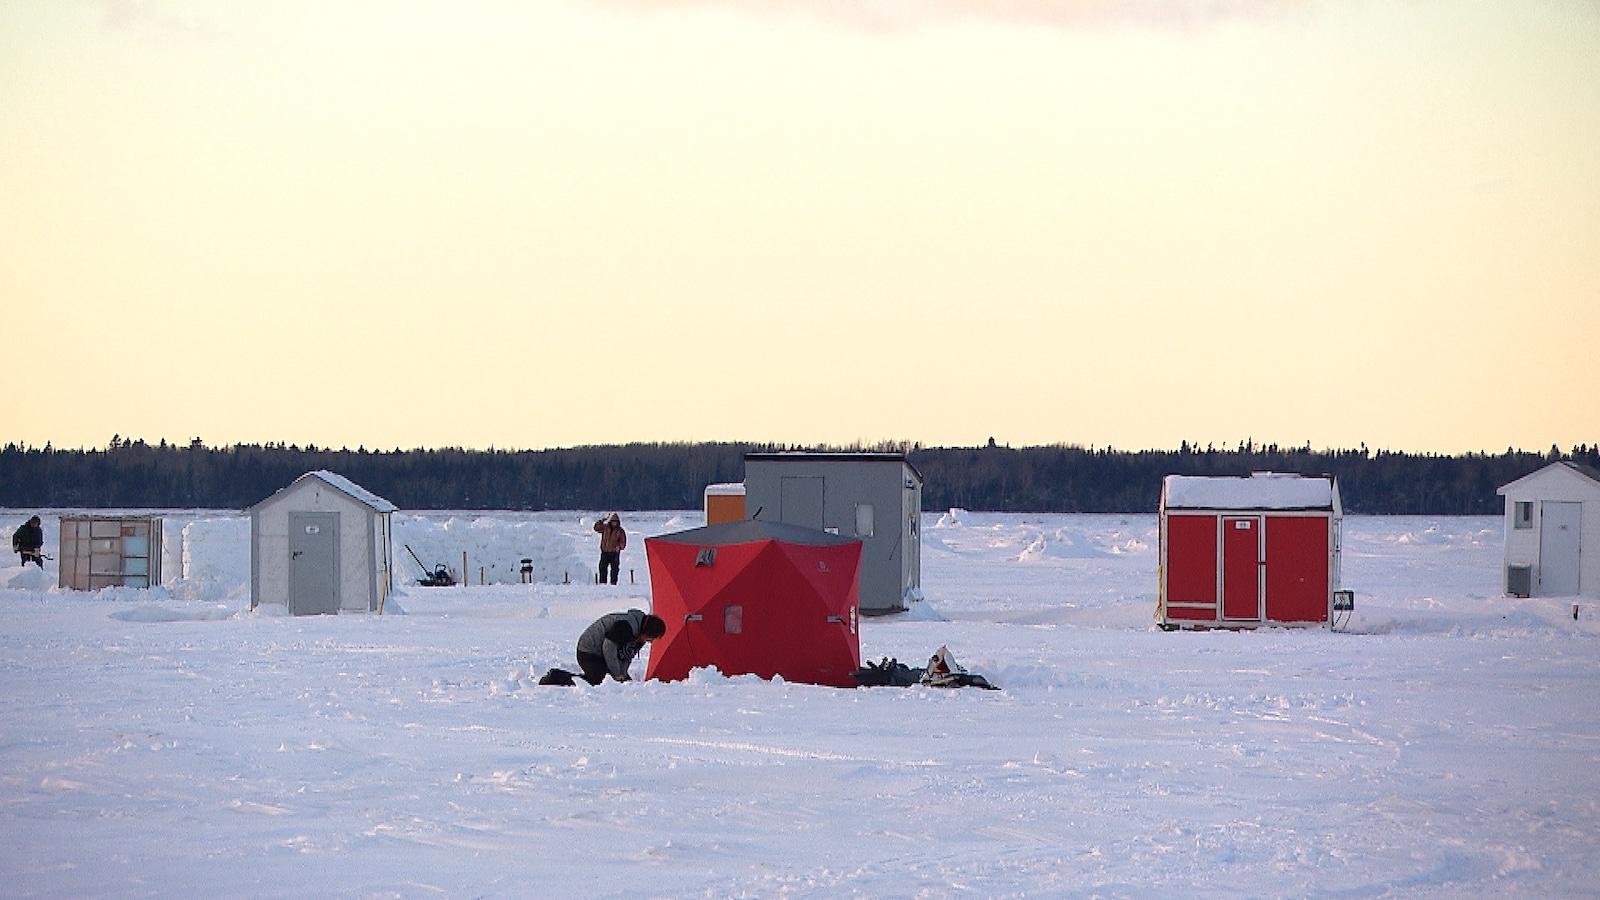 Des pêcheurs installent leurs cabanes sur la banquise.